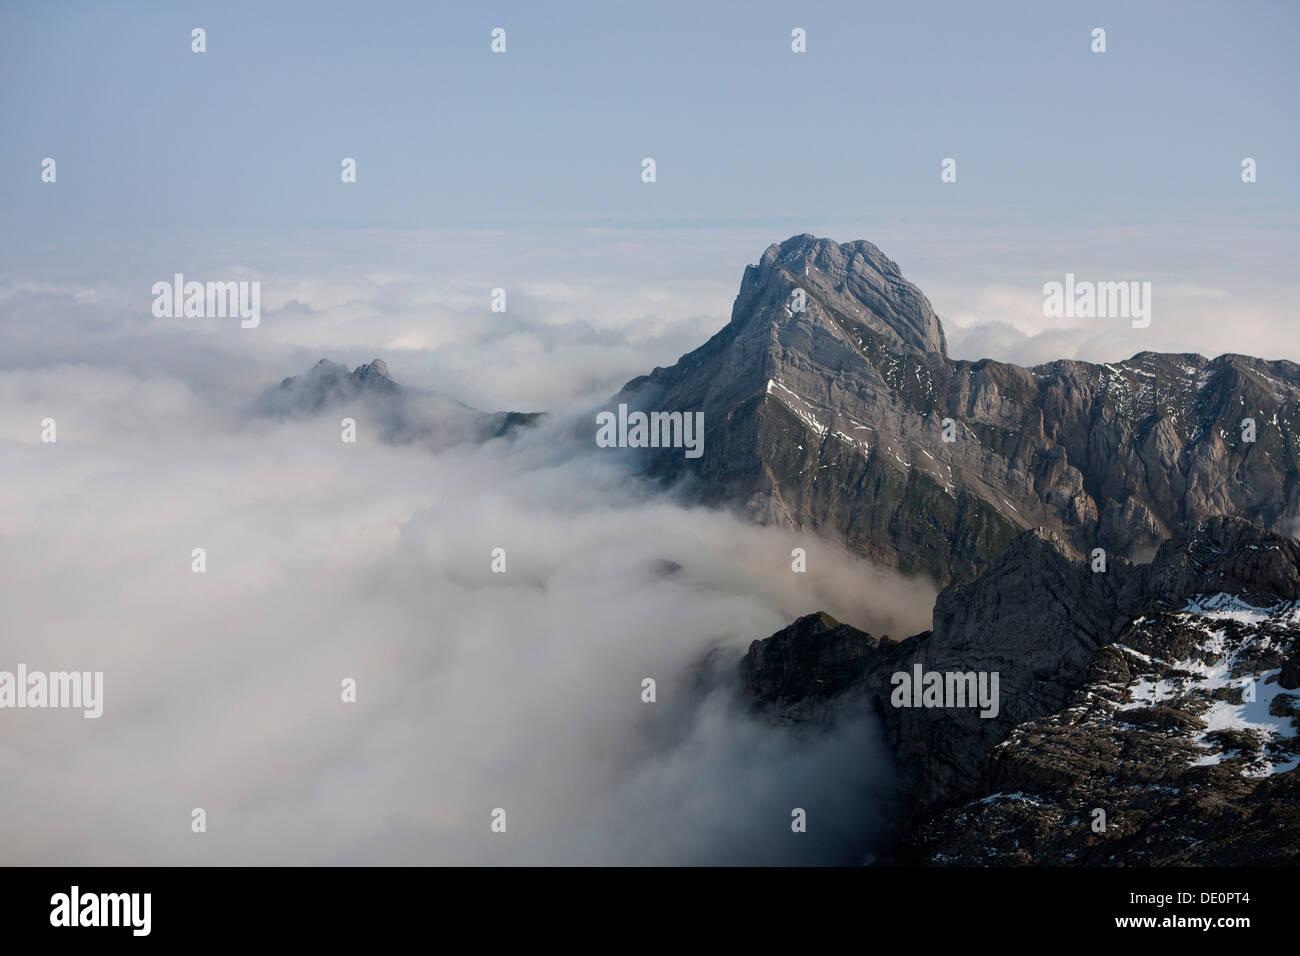 Low stratus as seen from Saentis mountain, view of Altmann mountain, Alpstein mountain group, Appenzell, Switzerland, Stock Photo